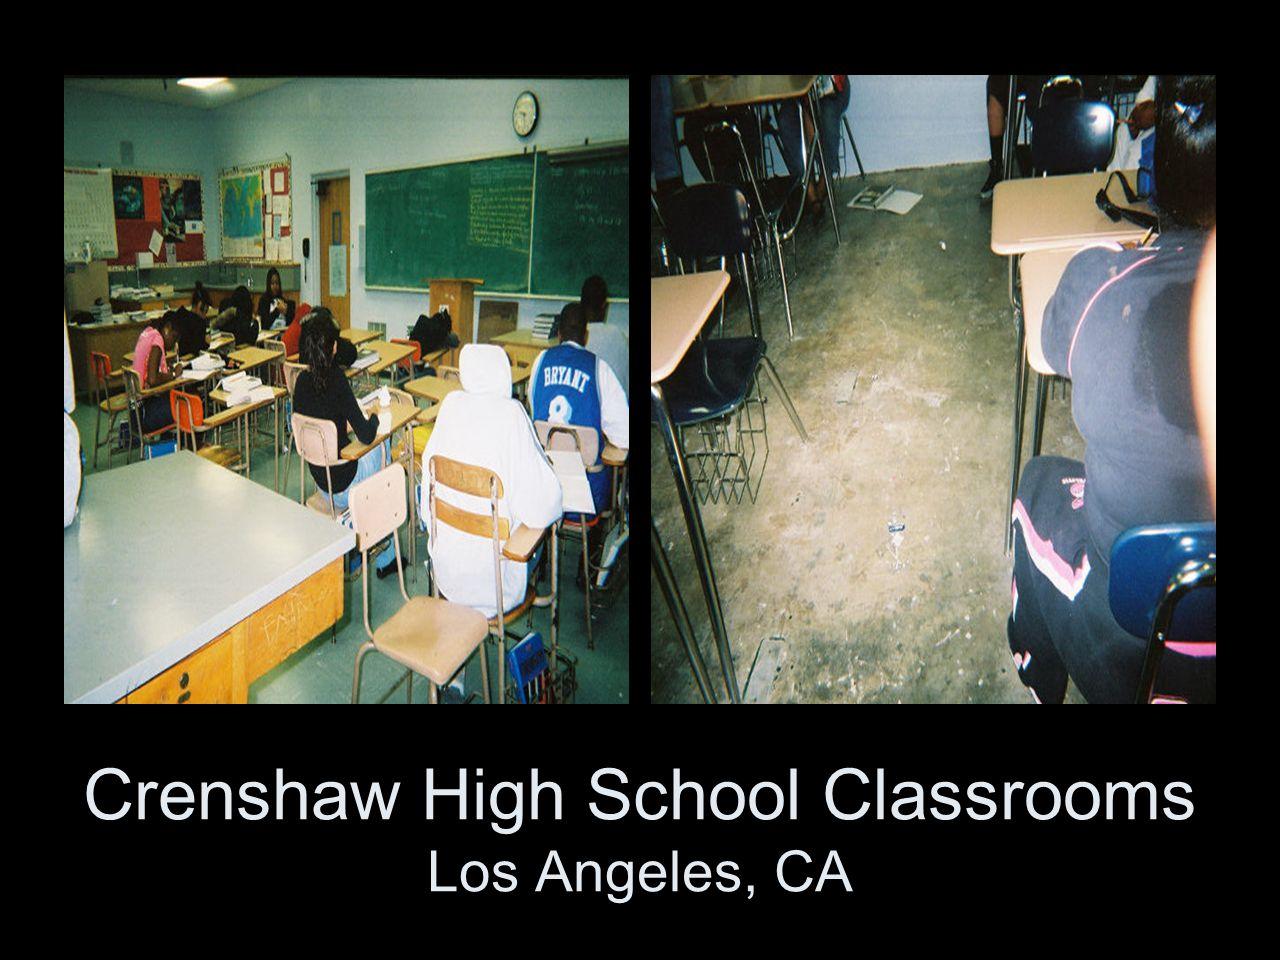 Crenshaw High School Classrooms Los Angeles, CA